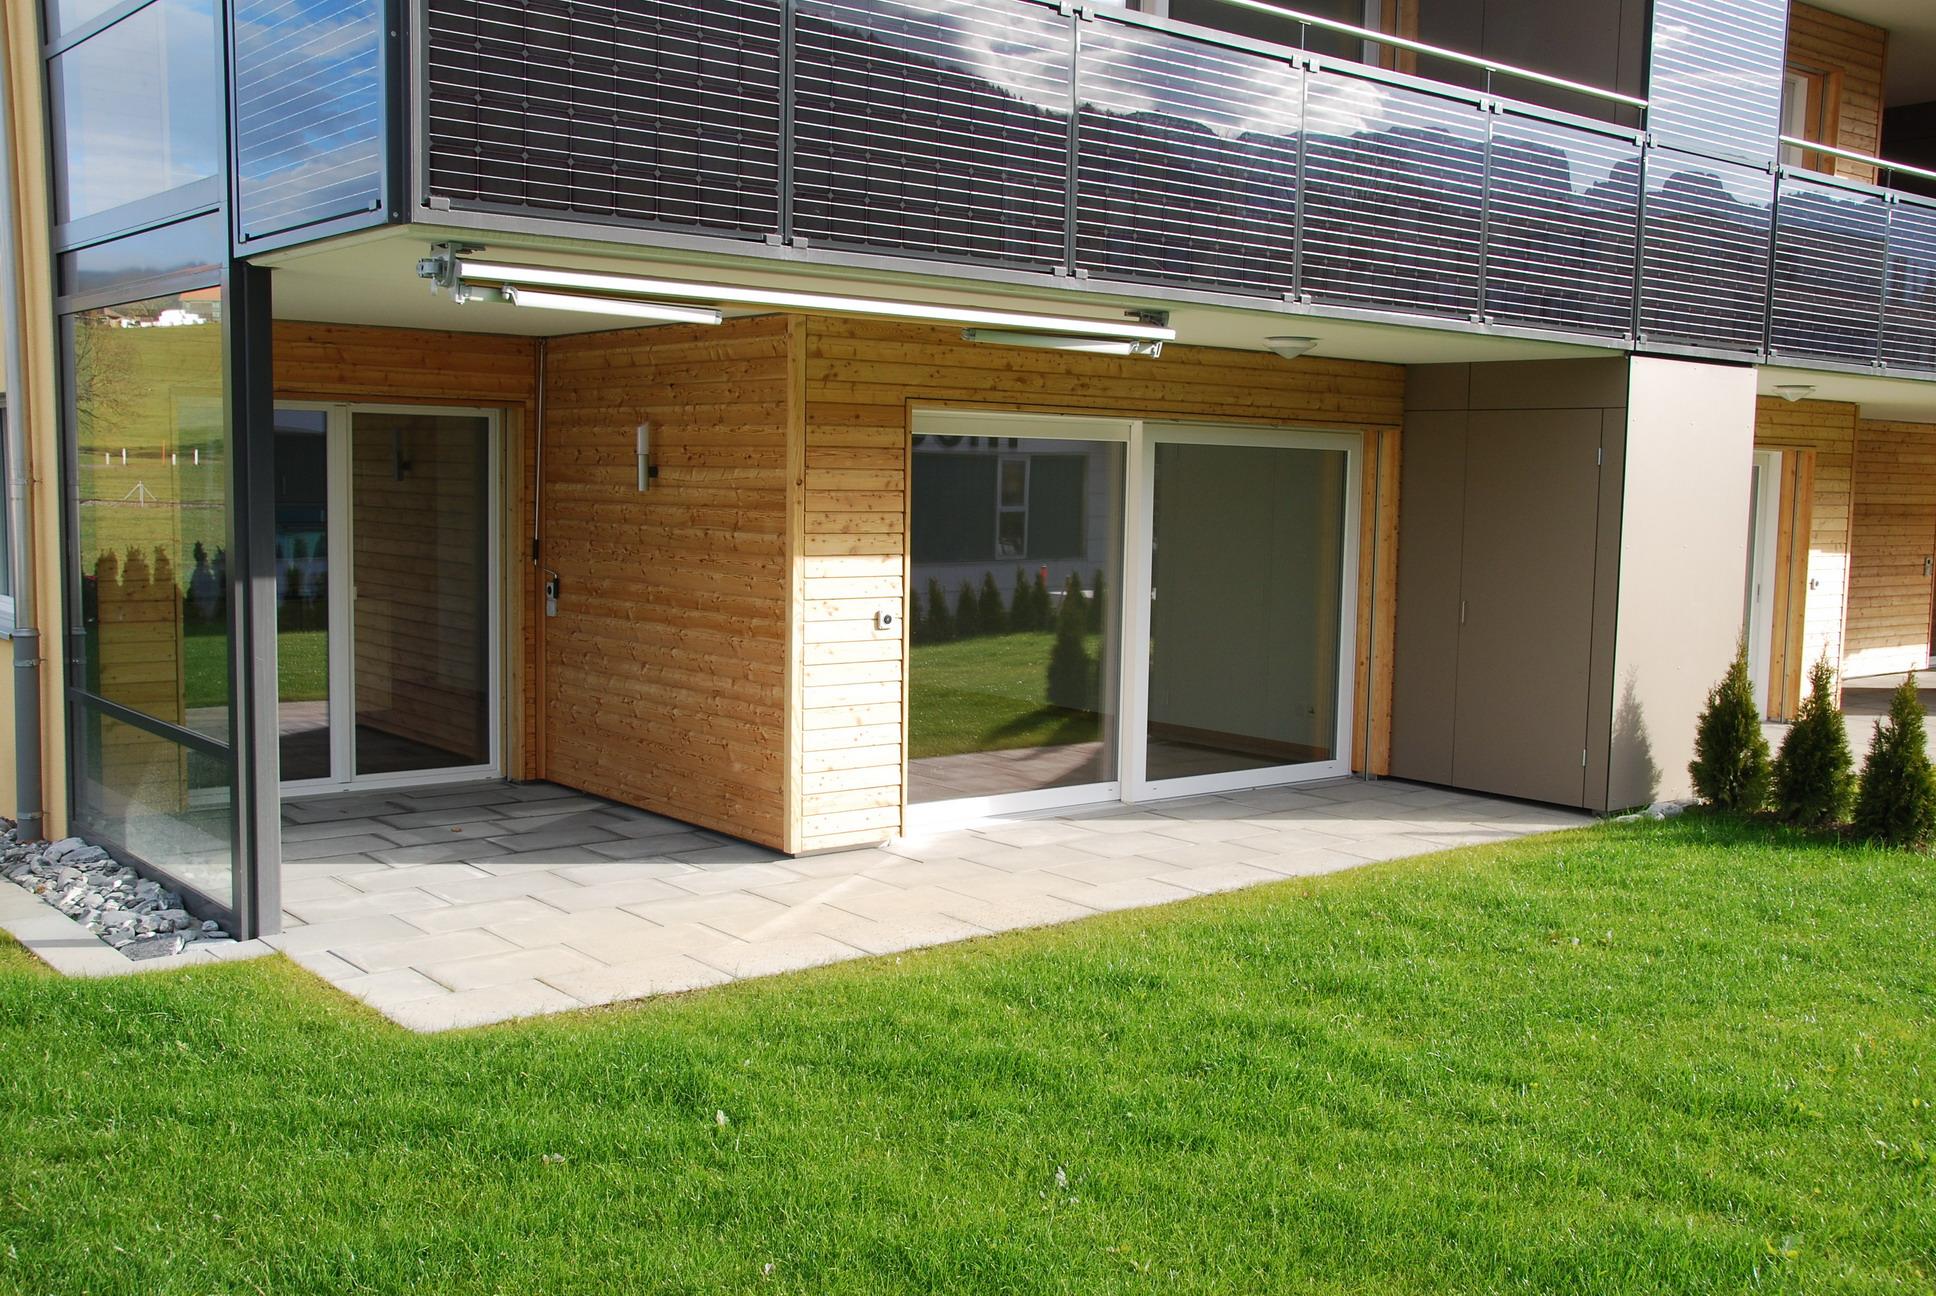 3.5 Zimmerwohnung im MINERGIE Standard mit Gartensitzplatz [EG01]